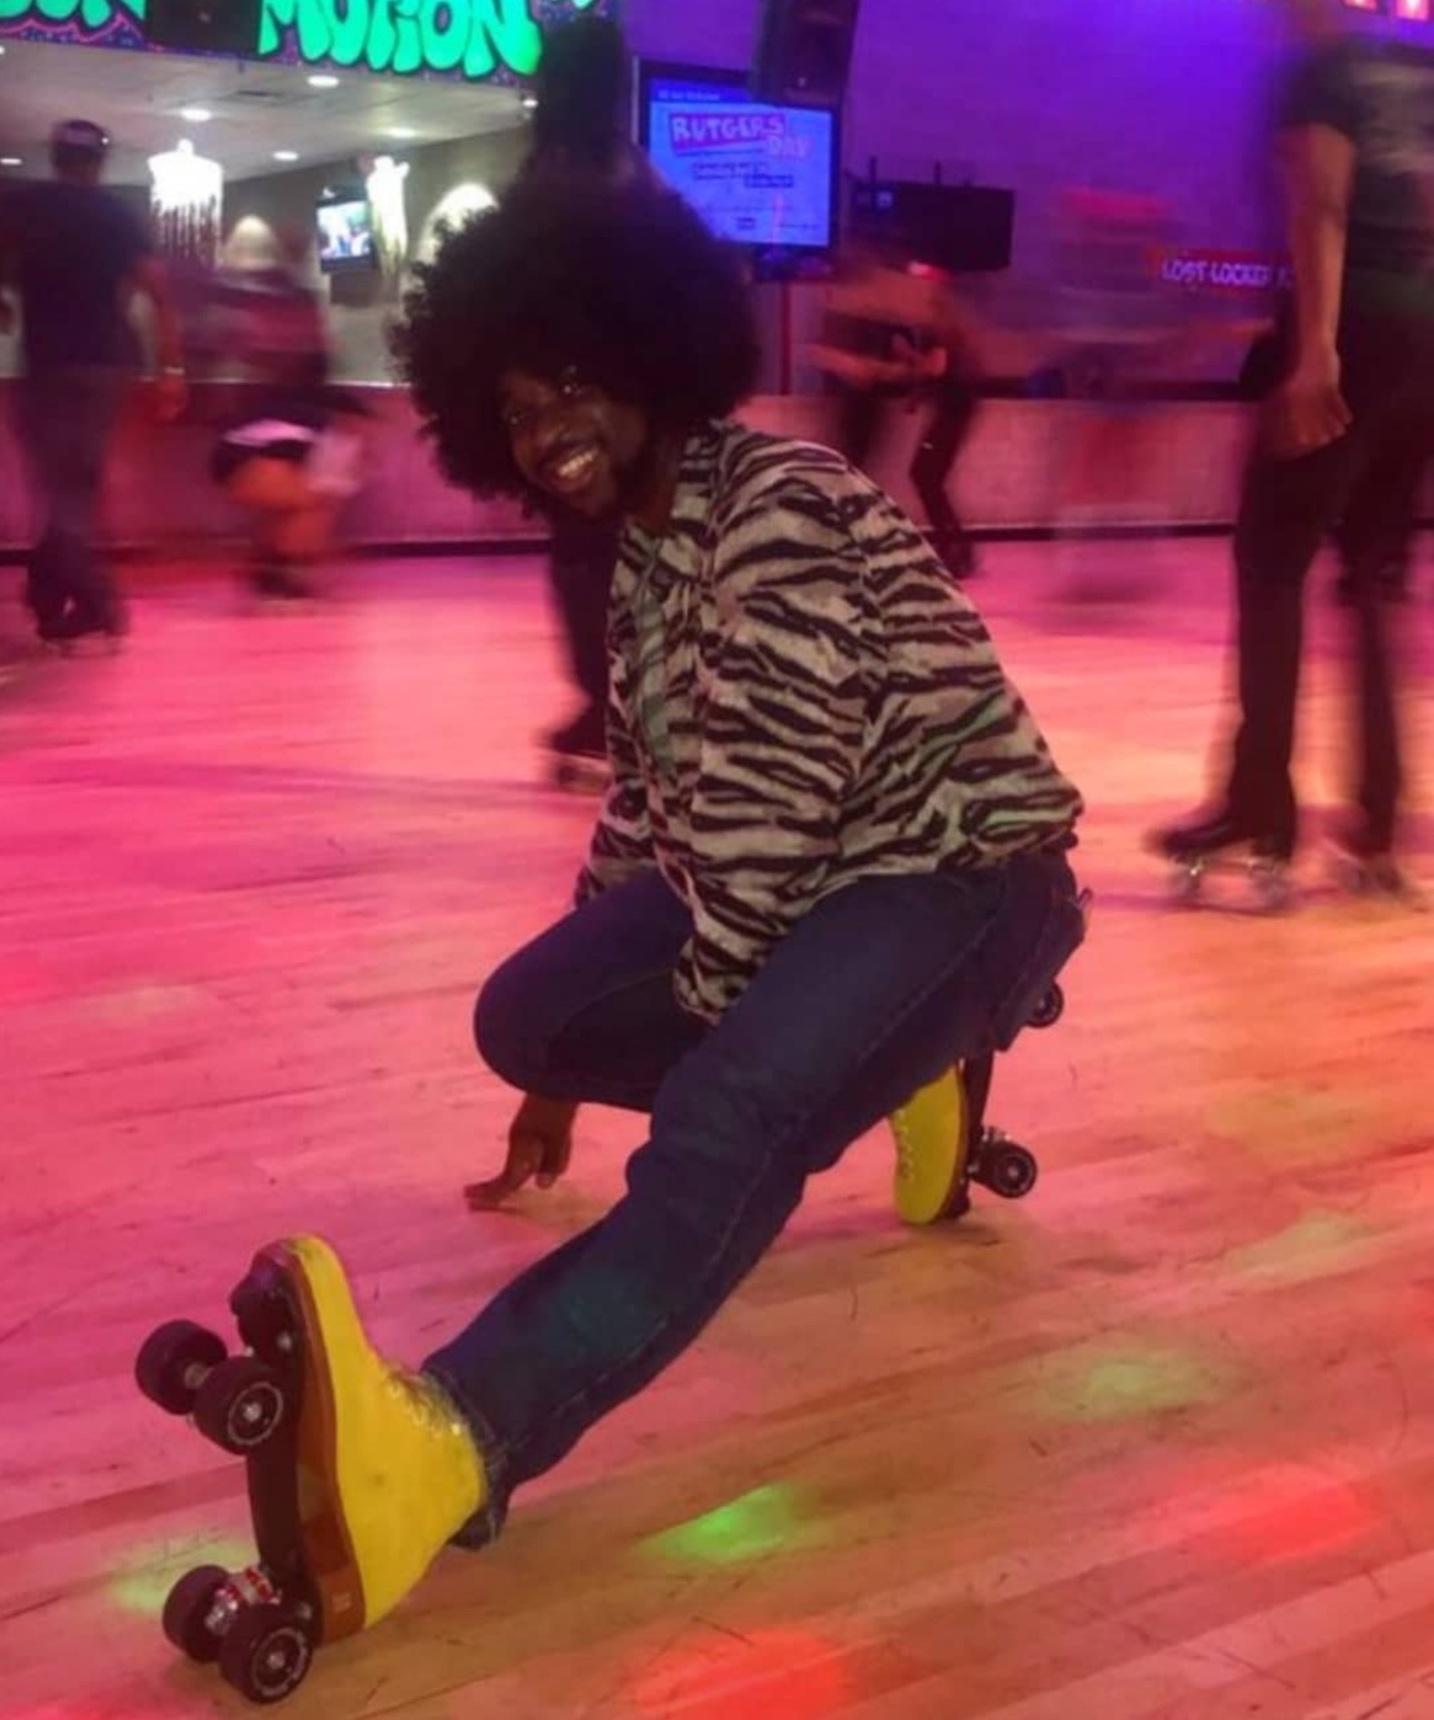 Kevin wearing roller skates